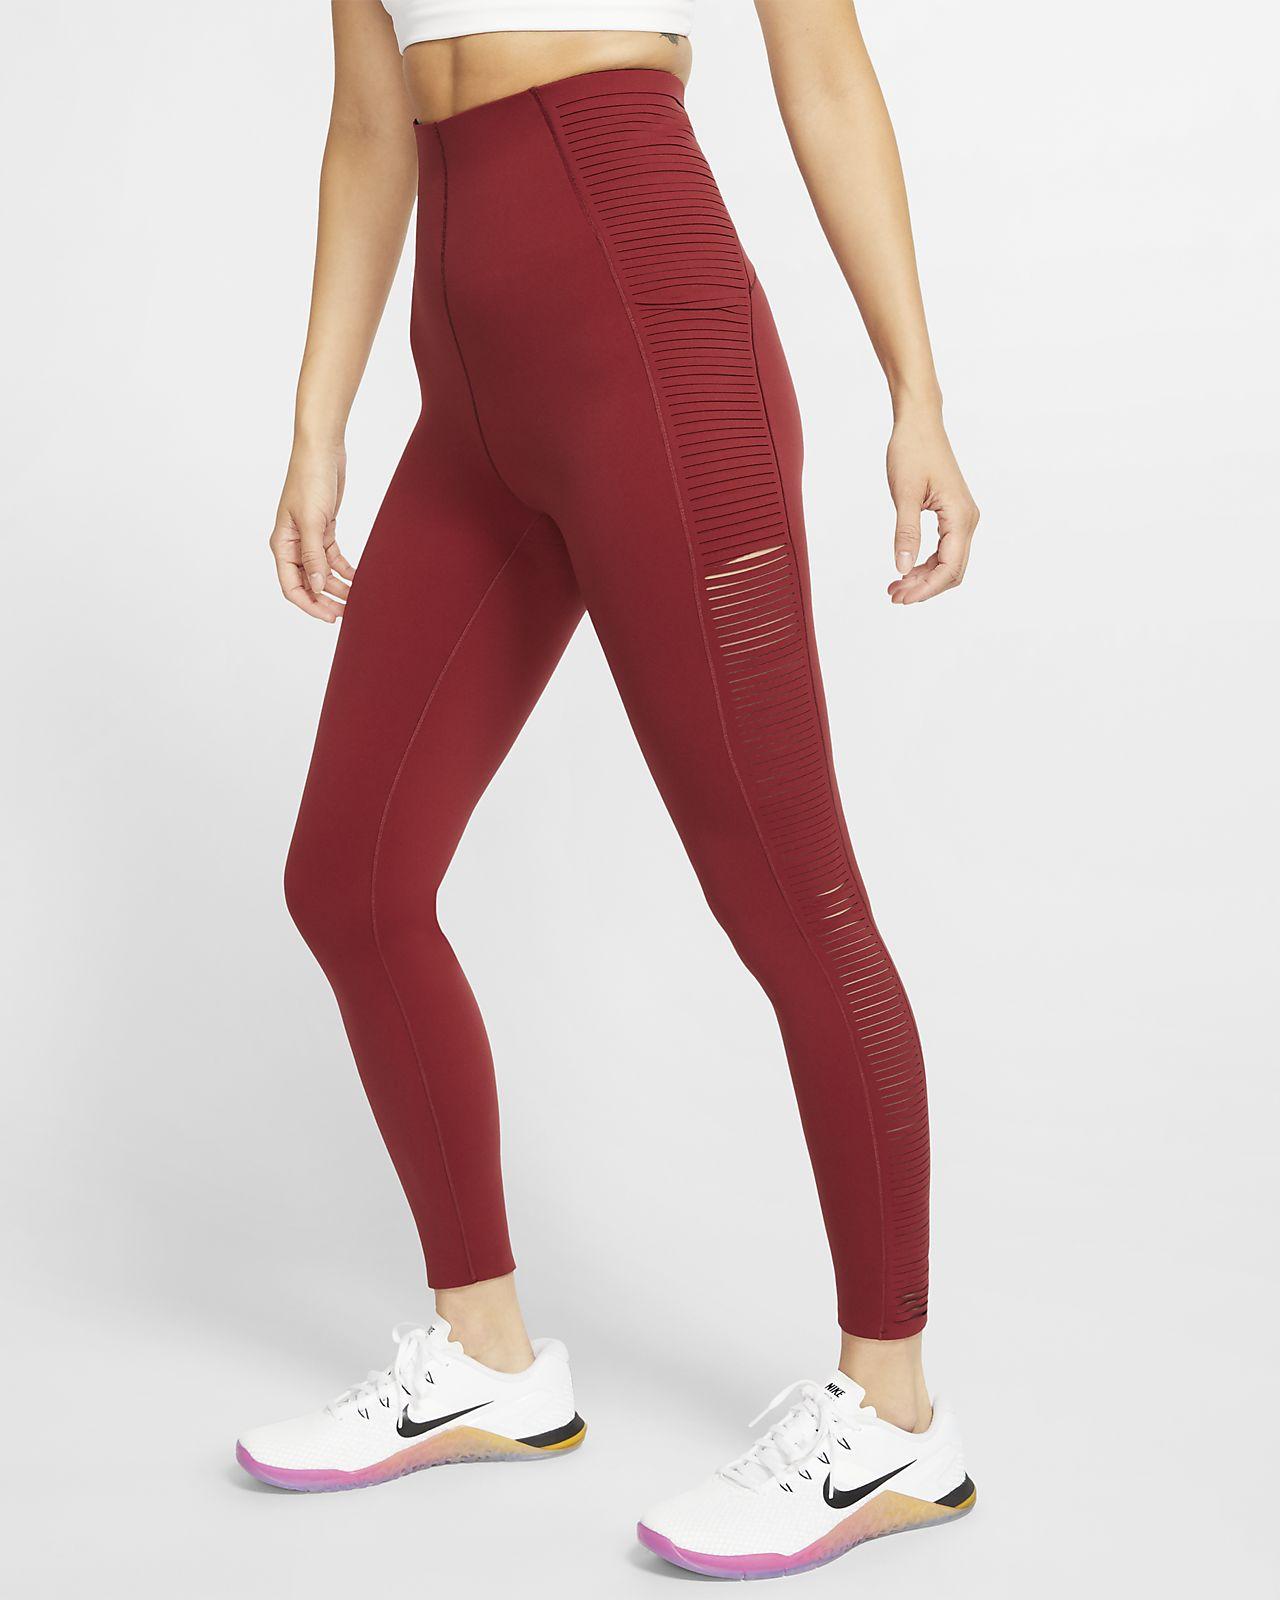 Nike Women's Fringe Training Leggings